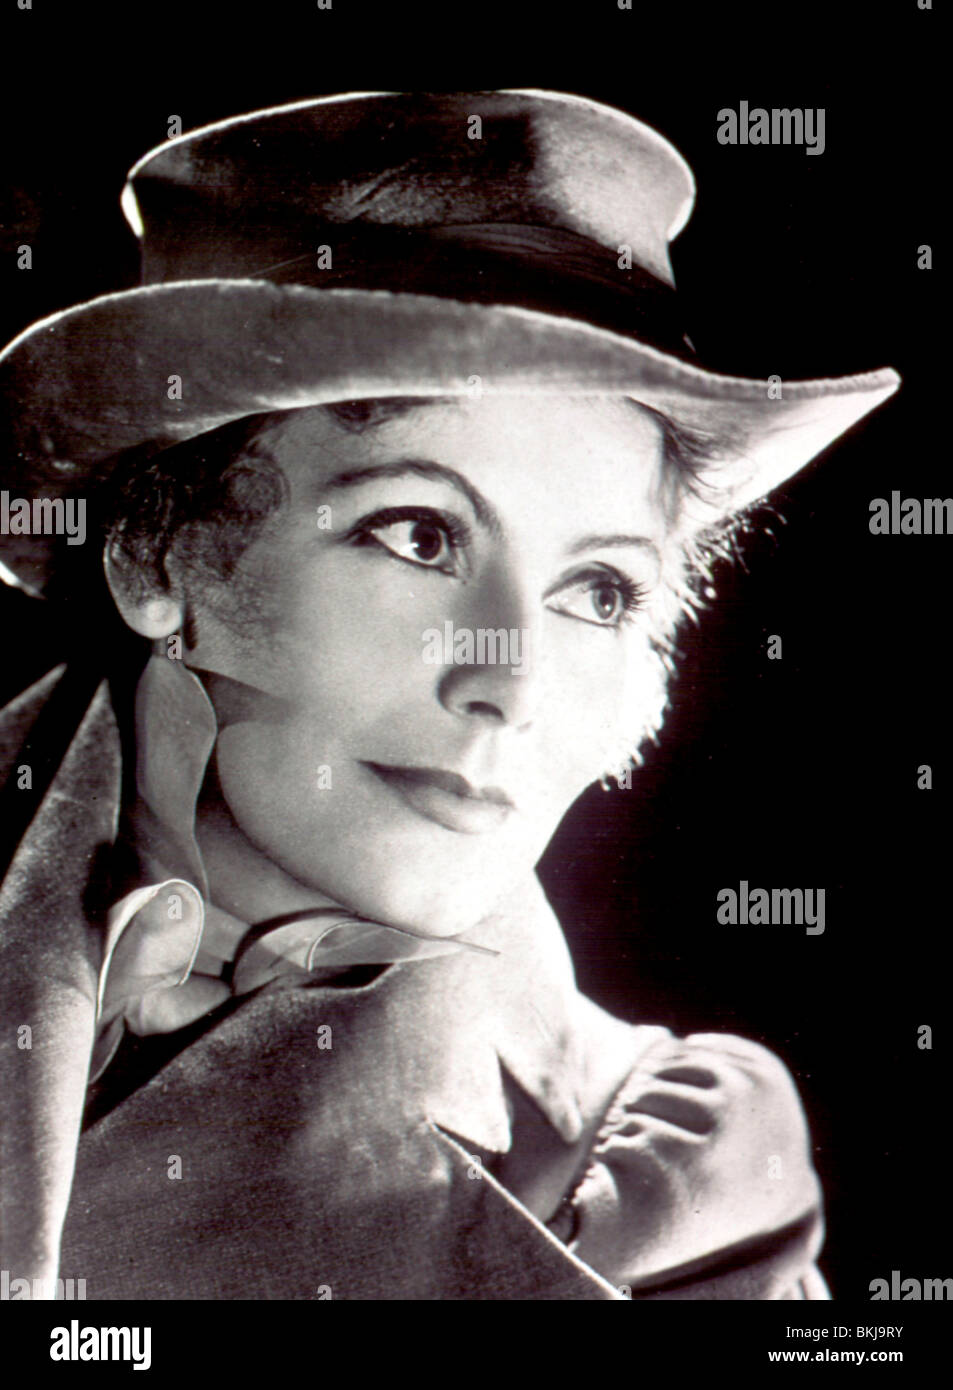 La CONQUÊTE (1937) MARIE WALEWSKA (ALT) GRETA GARBO CQST 016 Banque D'Images